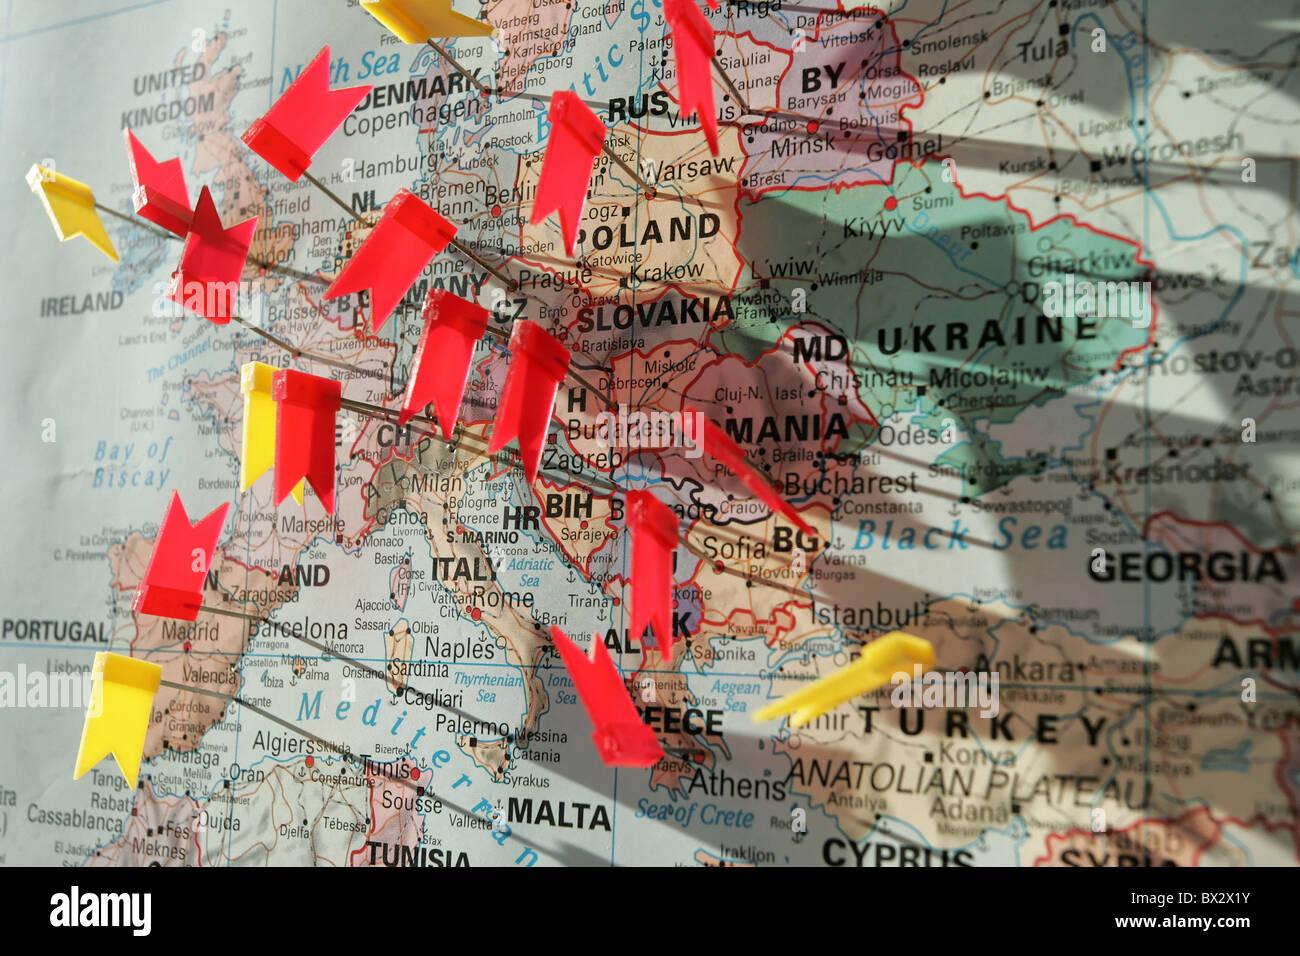 Karte Von Europa Mit Städten.Gewerblichen Wirtschaft Karte Karte Spielen Karten Europa Städte